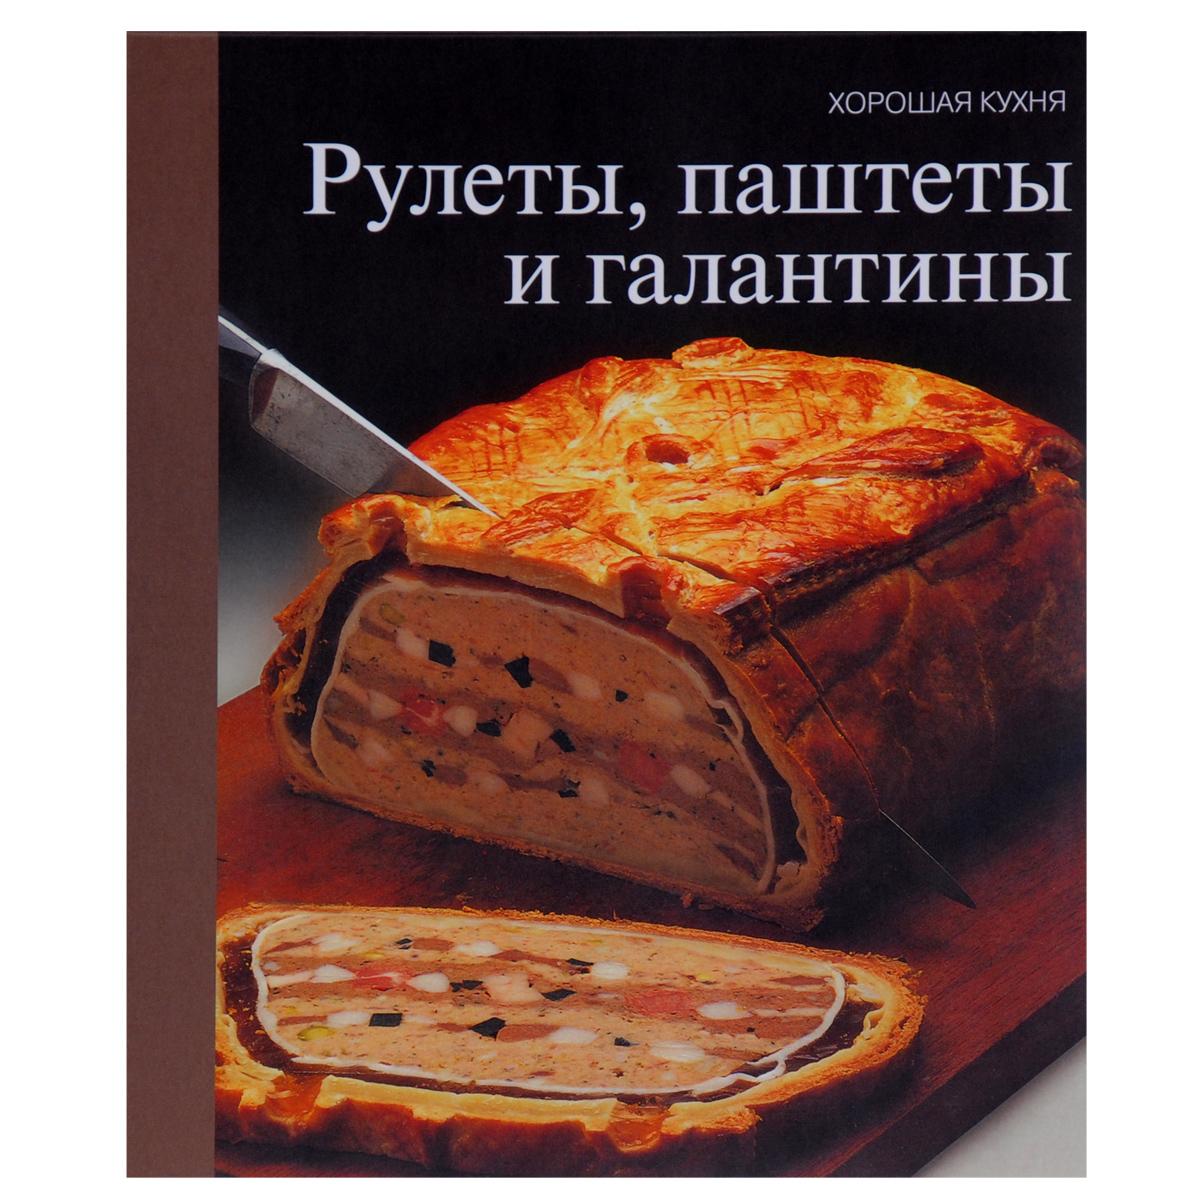 Гайдукова Е Рулеты, паштеты и галантины рулеты и рулетики